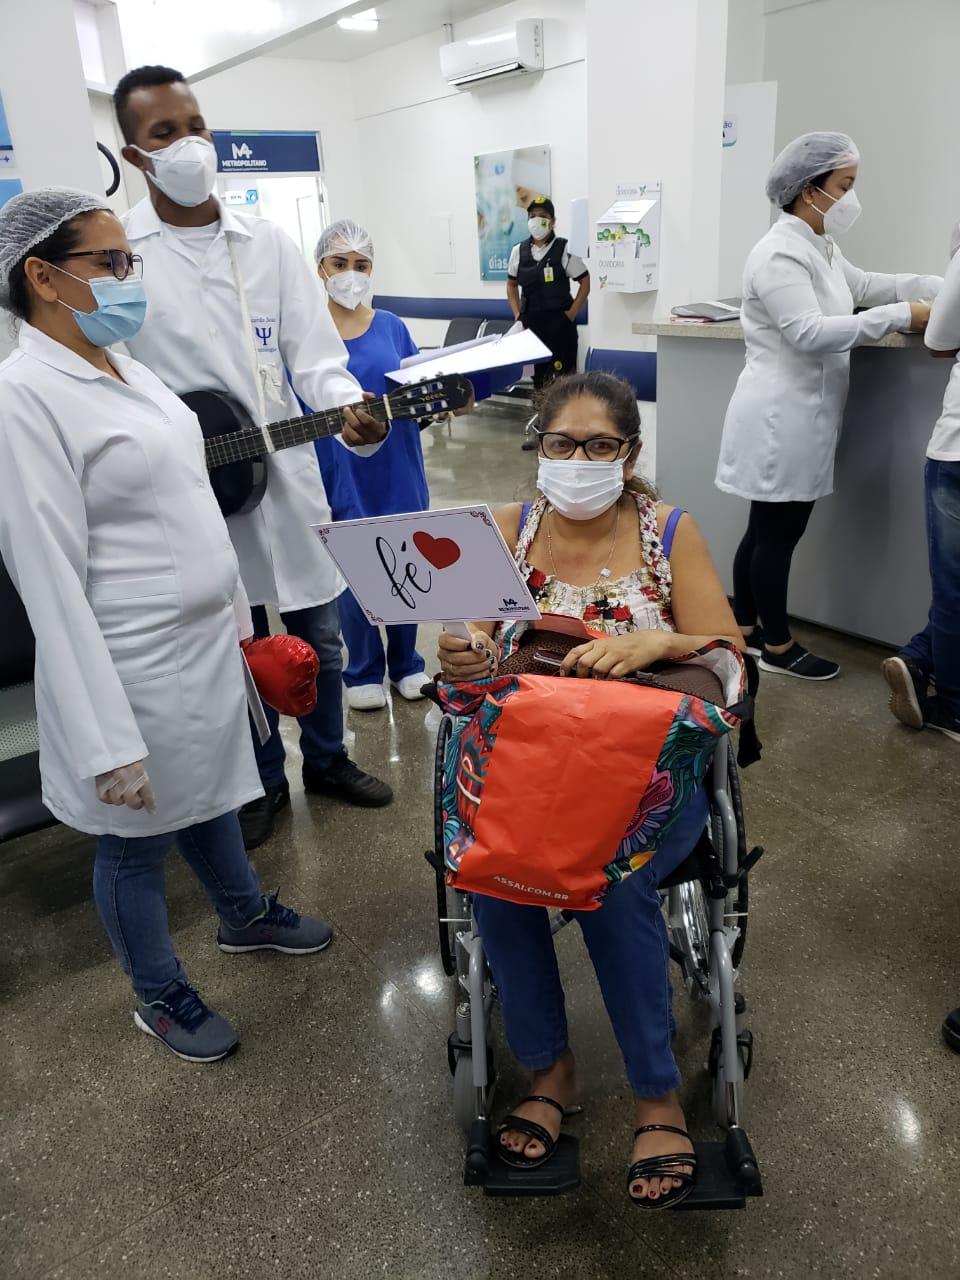 Jangadense técnica de enfermagem com Covid-19 recebe alta após oito dias internada no hospital em VG